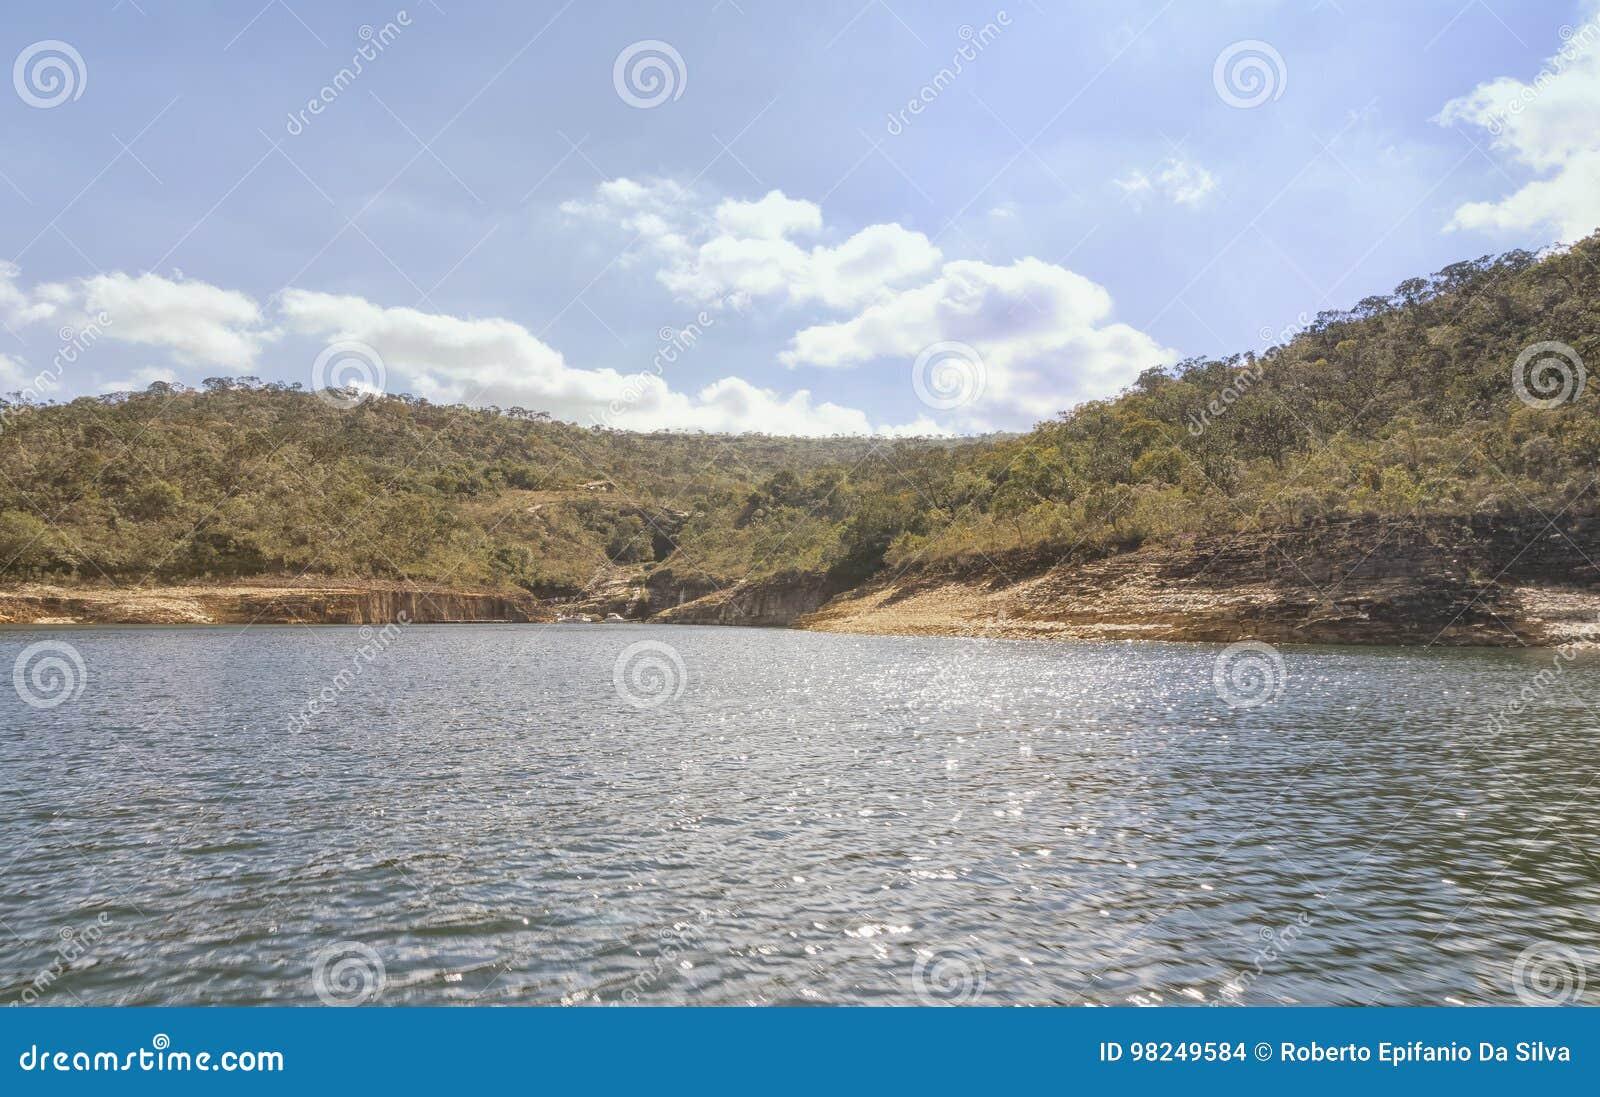 Presa de Furnas en Minas Gerais, el Brasil